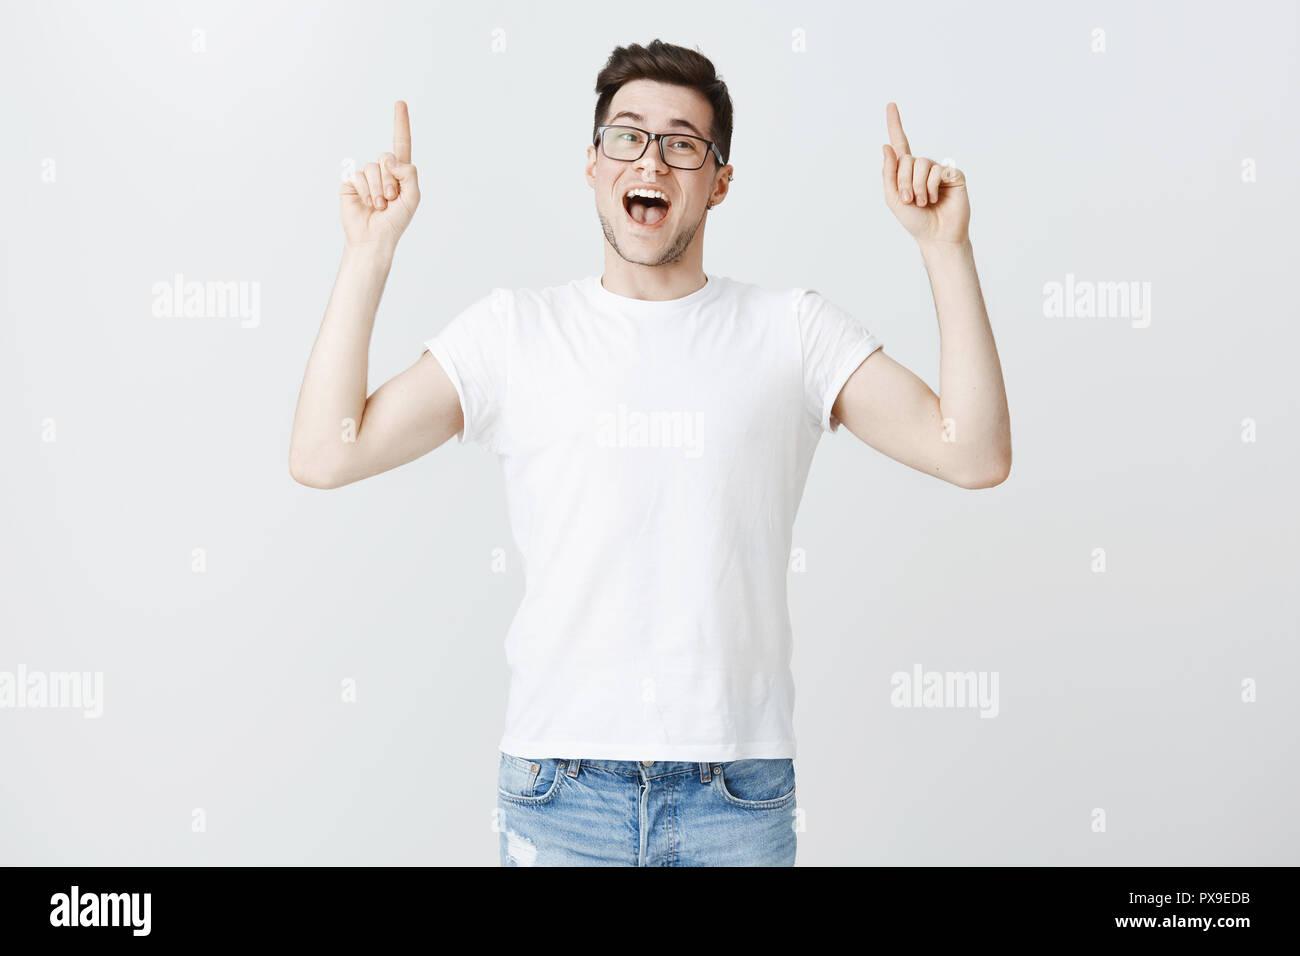 Kiefer fällt als Hebeln fällt. Portrait von beeindruckt aufgeregt und freudig attraktiven jungen männlichen Freund heben die Hände oben mit überschnittenen Kiefer und überrascht positiv Lächeln gegen grauen Hintergrund posiert Stockfoto